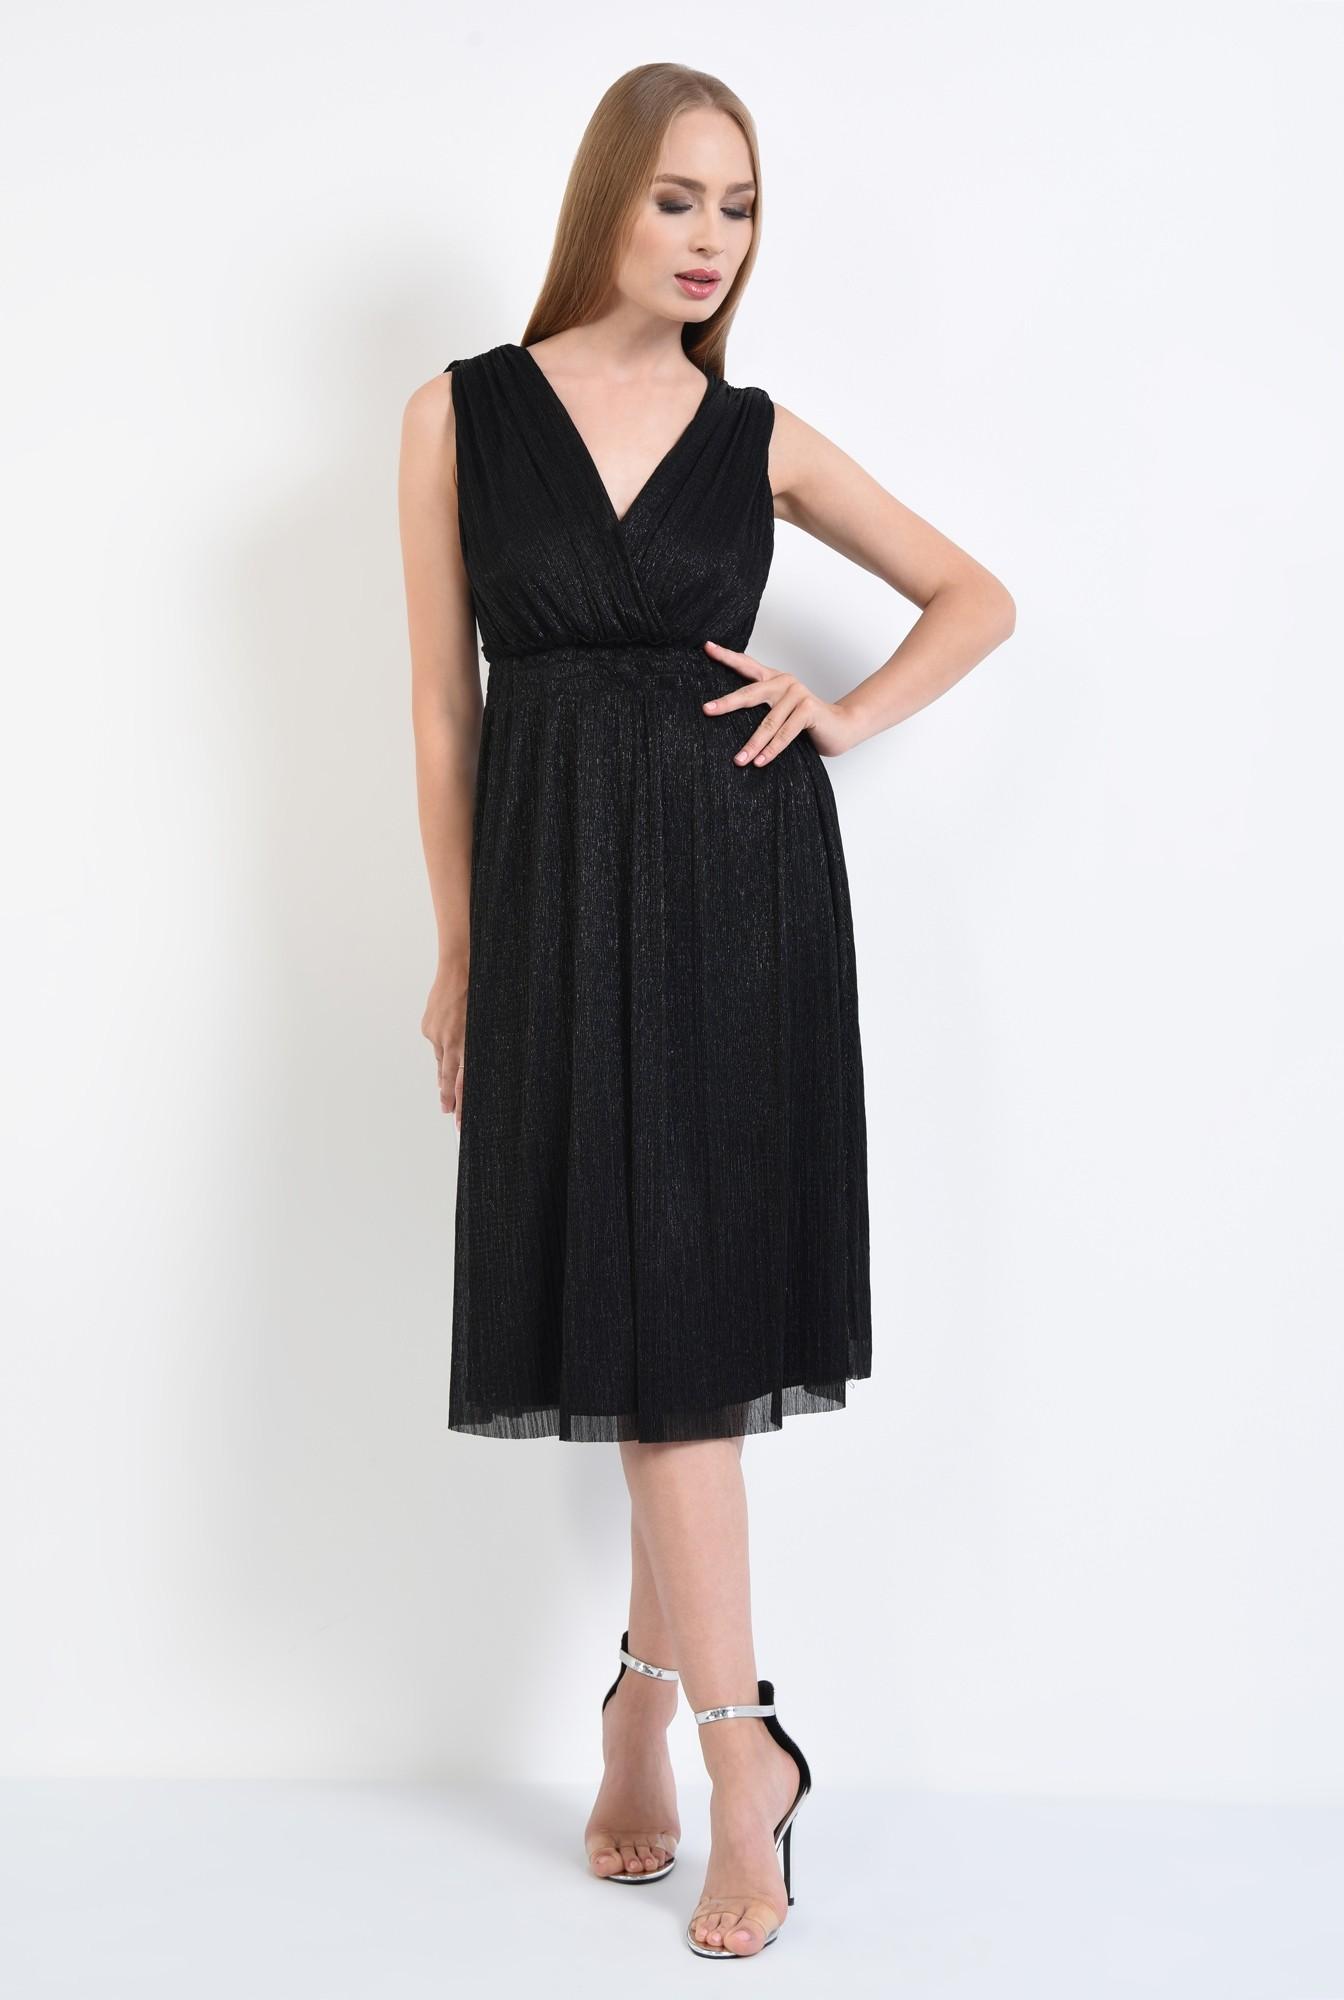 3 - rochie de seara, lurex, negru, spate gol, snur, cu funda